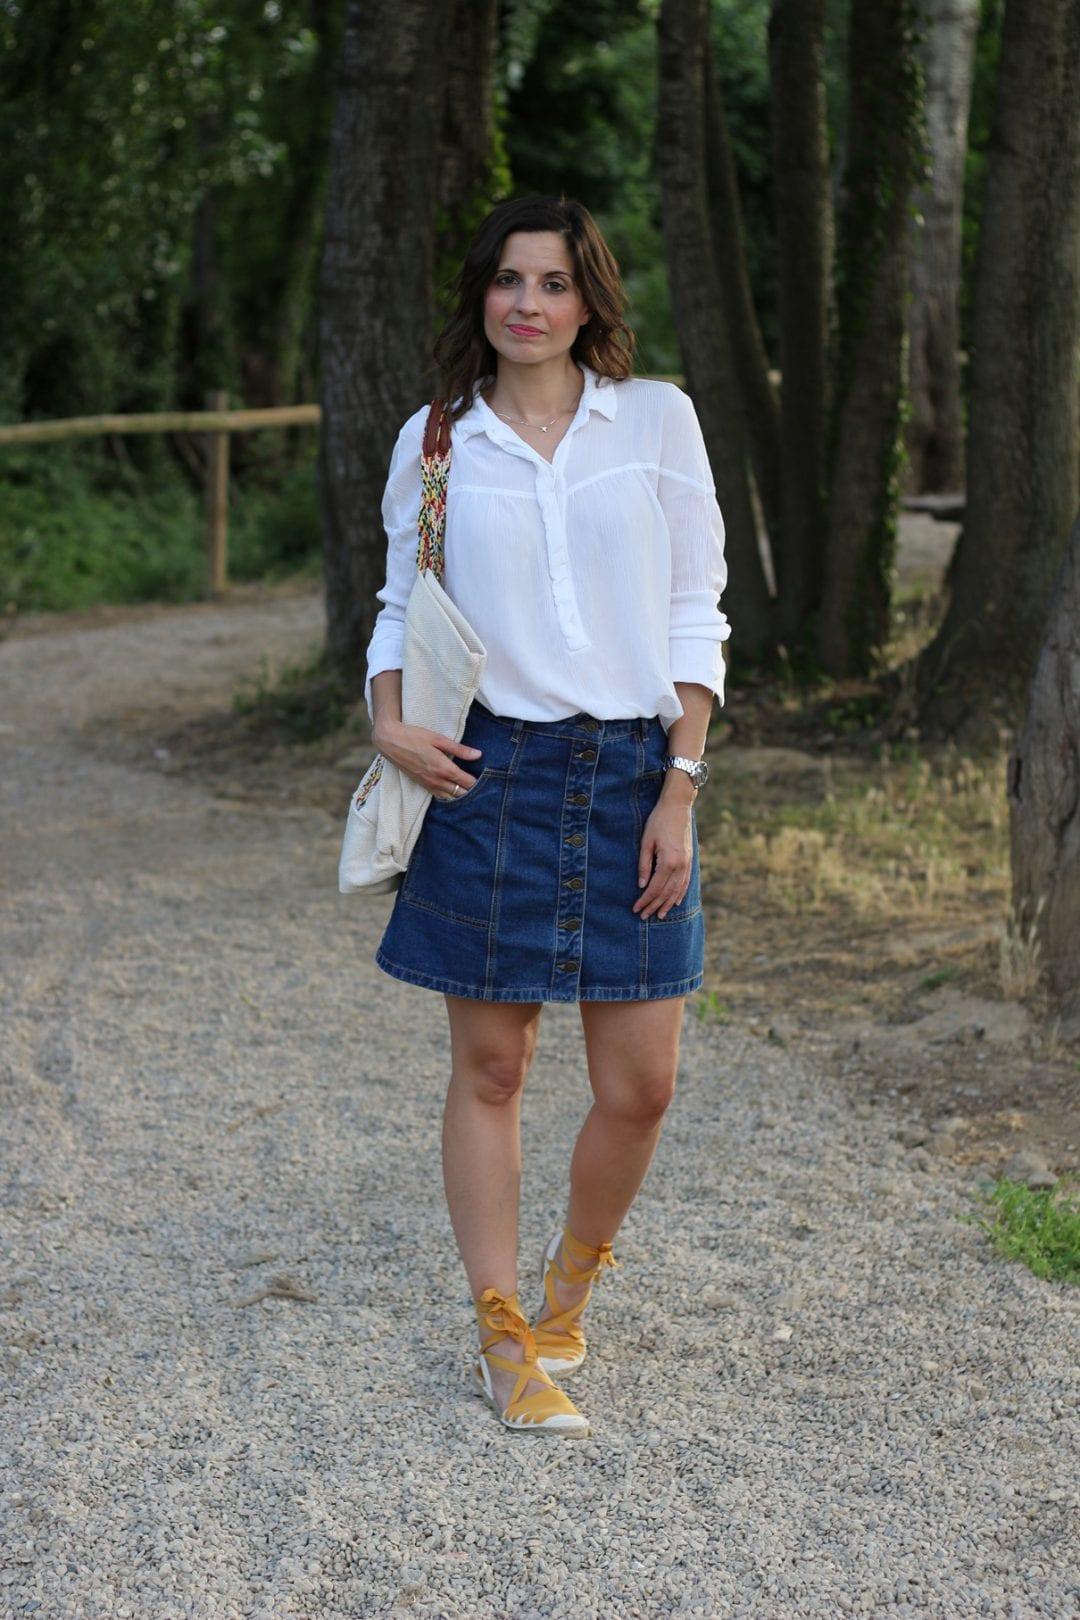 fashion blogger española con falda vaquera cintura alta y espardeñas - esparteñas- alpargatas lace up o espadrilles (6)